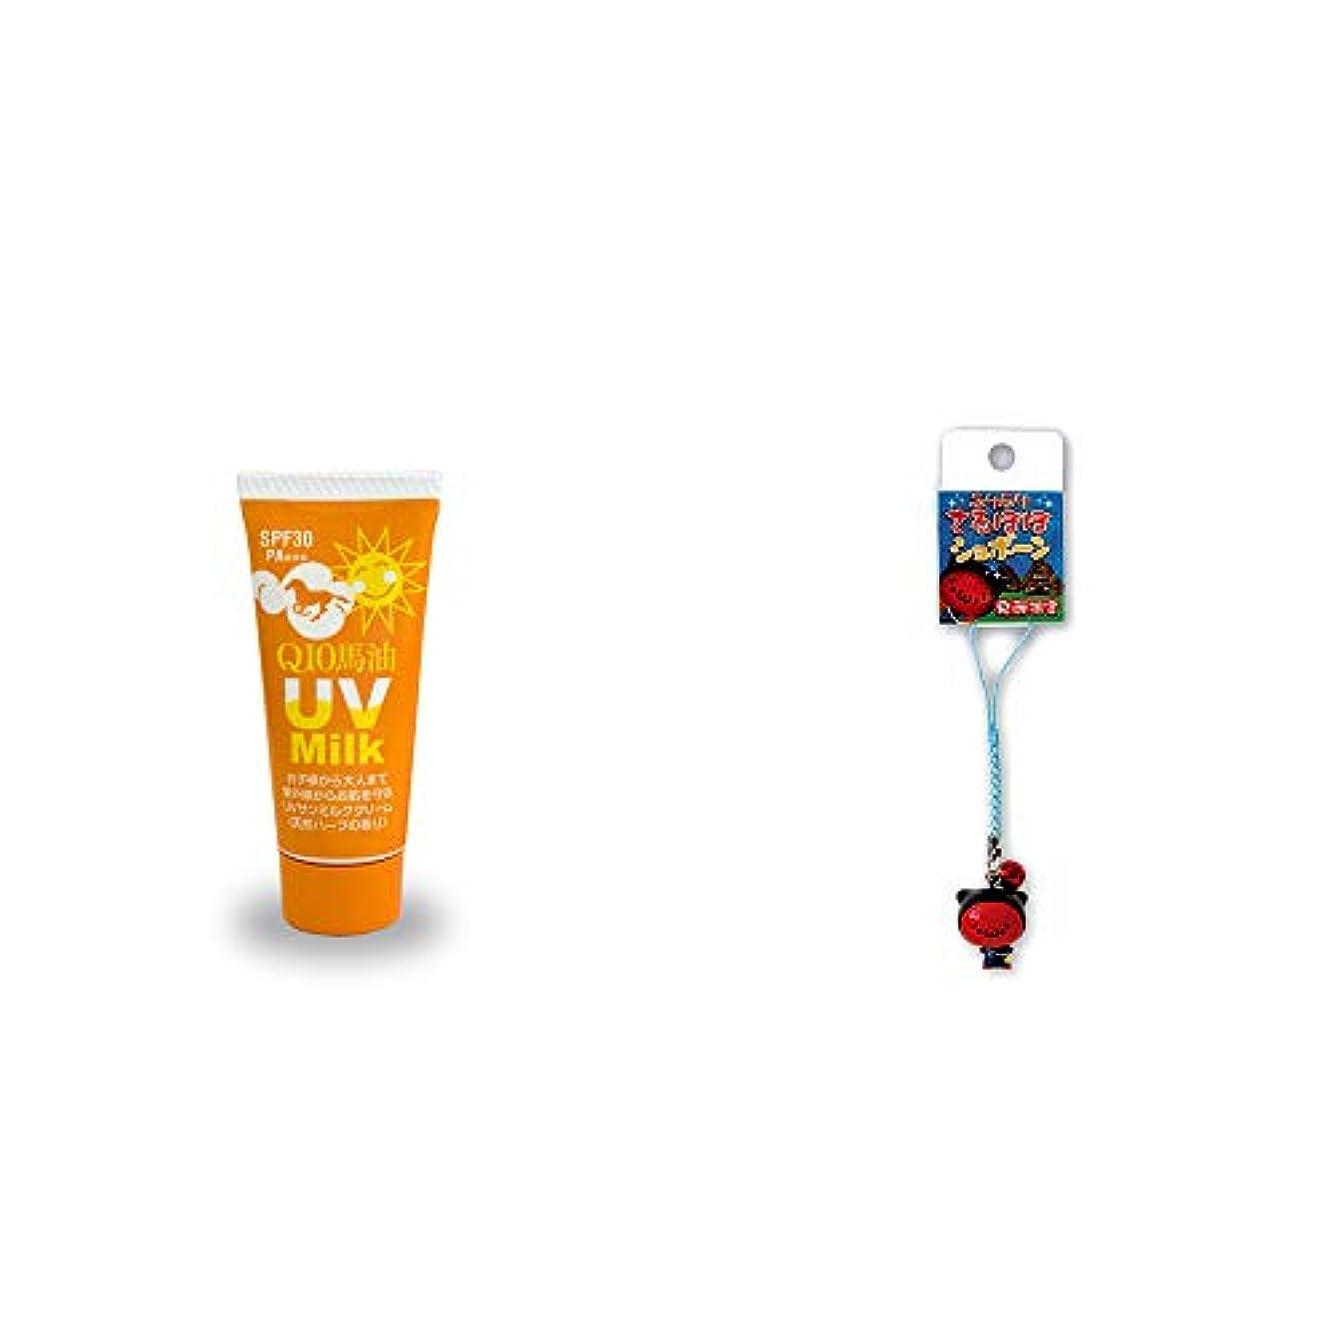 フォージ事故流体[2点セット] 炭黒泉 Q10馬油 UVサンミルク[天然ハーブ](40g)?さるぼぼショボーン ふりふり根付け(ストラップ)